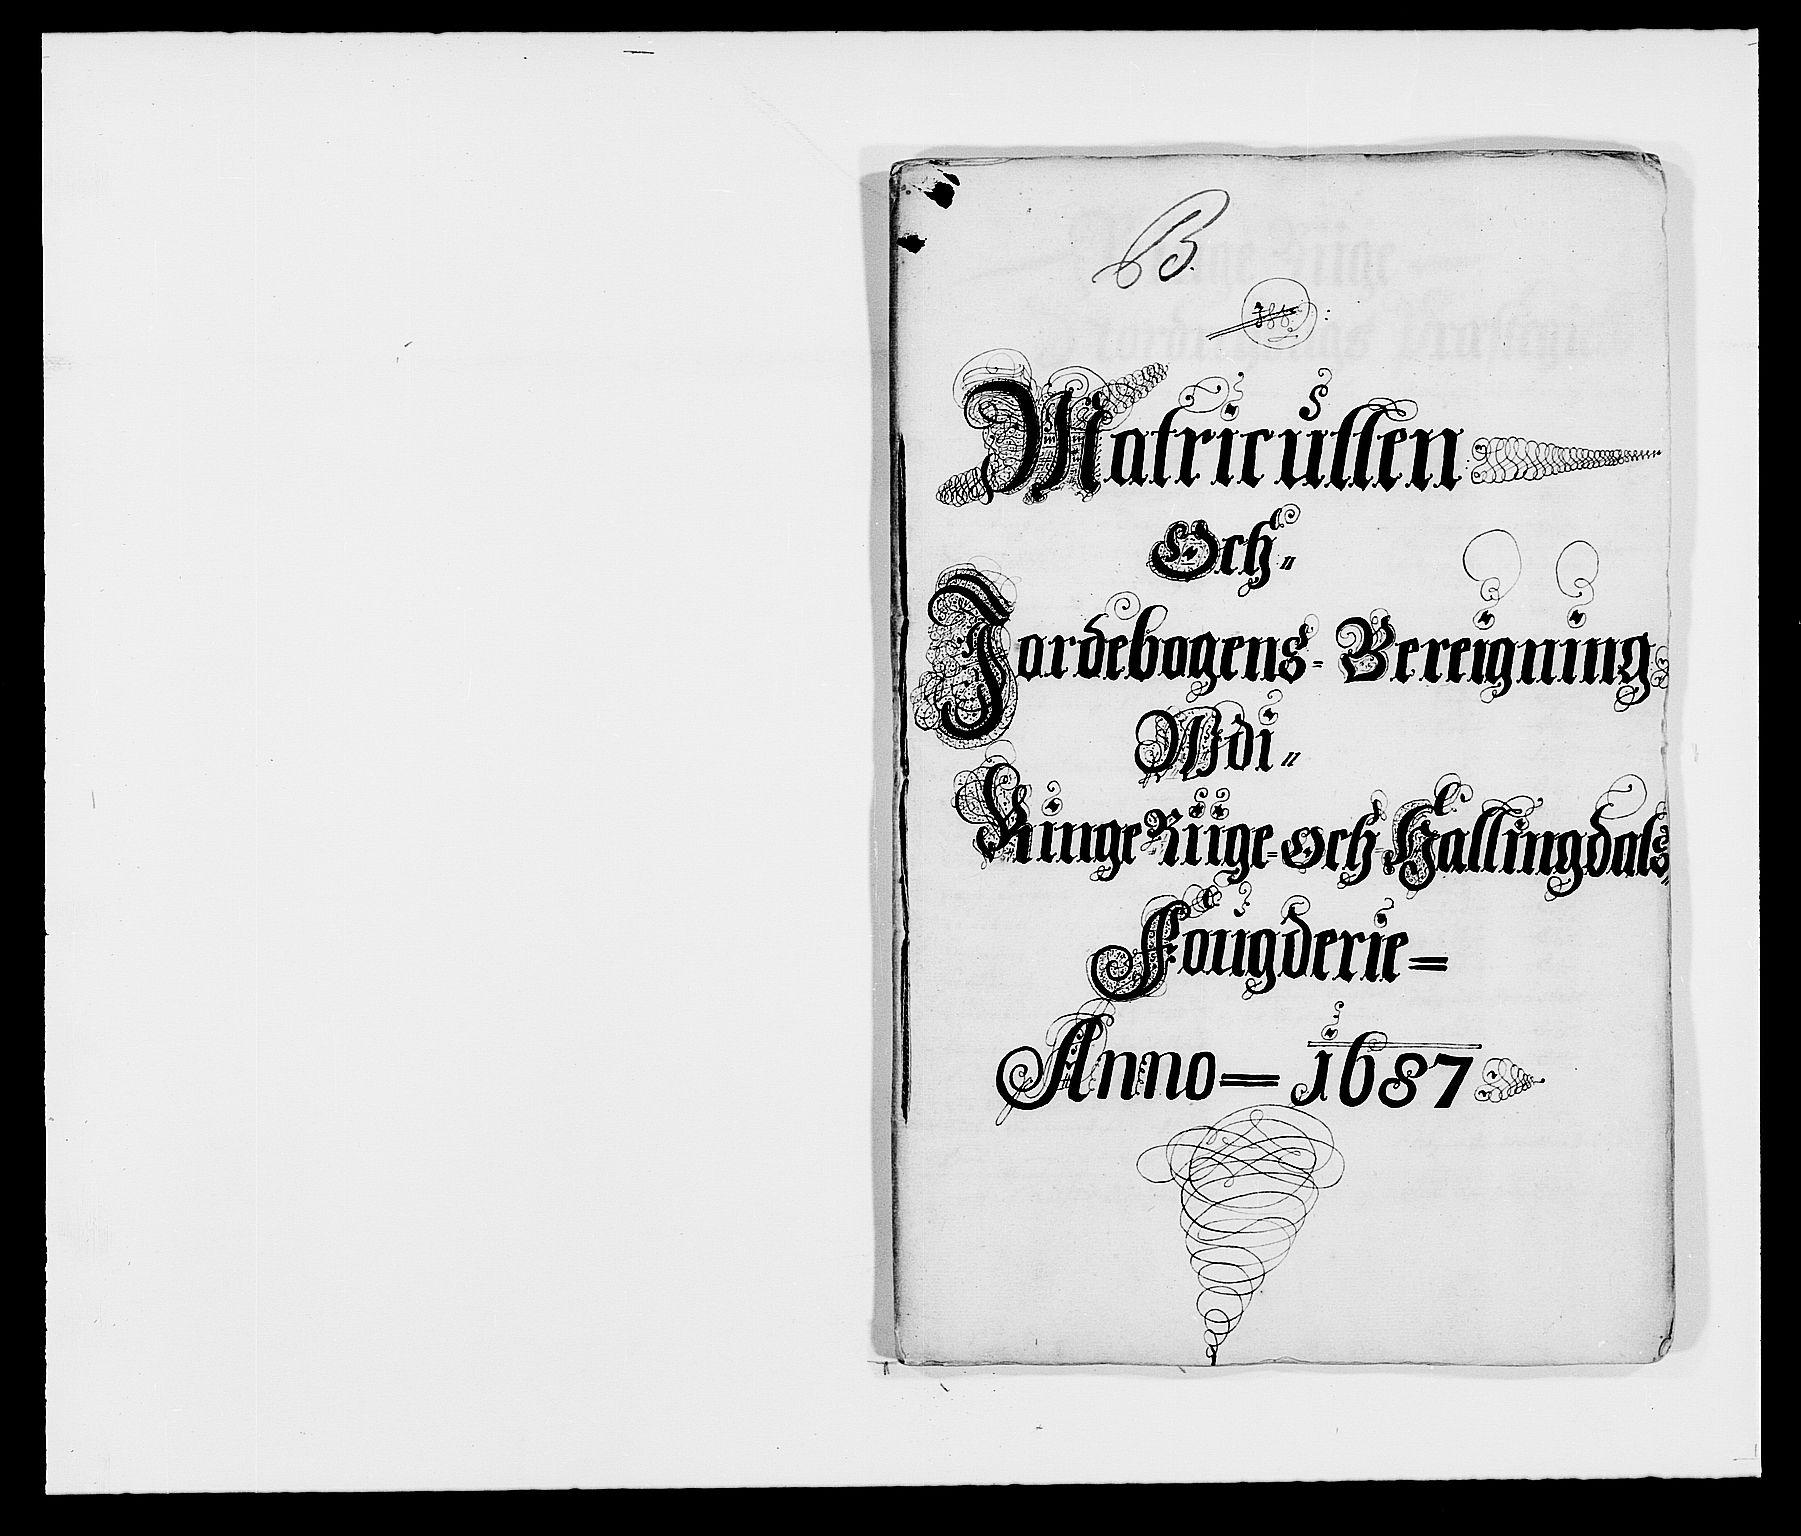 RA, Rentekammeret inntil 1814, Reviderte regnskaper, Fogderegnskap, R21/L1447: Fogderegnskap Ringerike og Hallingdal, 1687-1689, s. 11